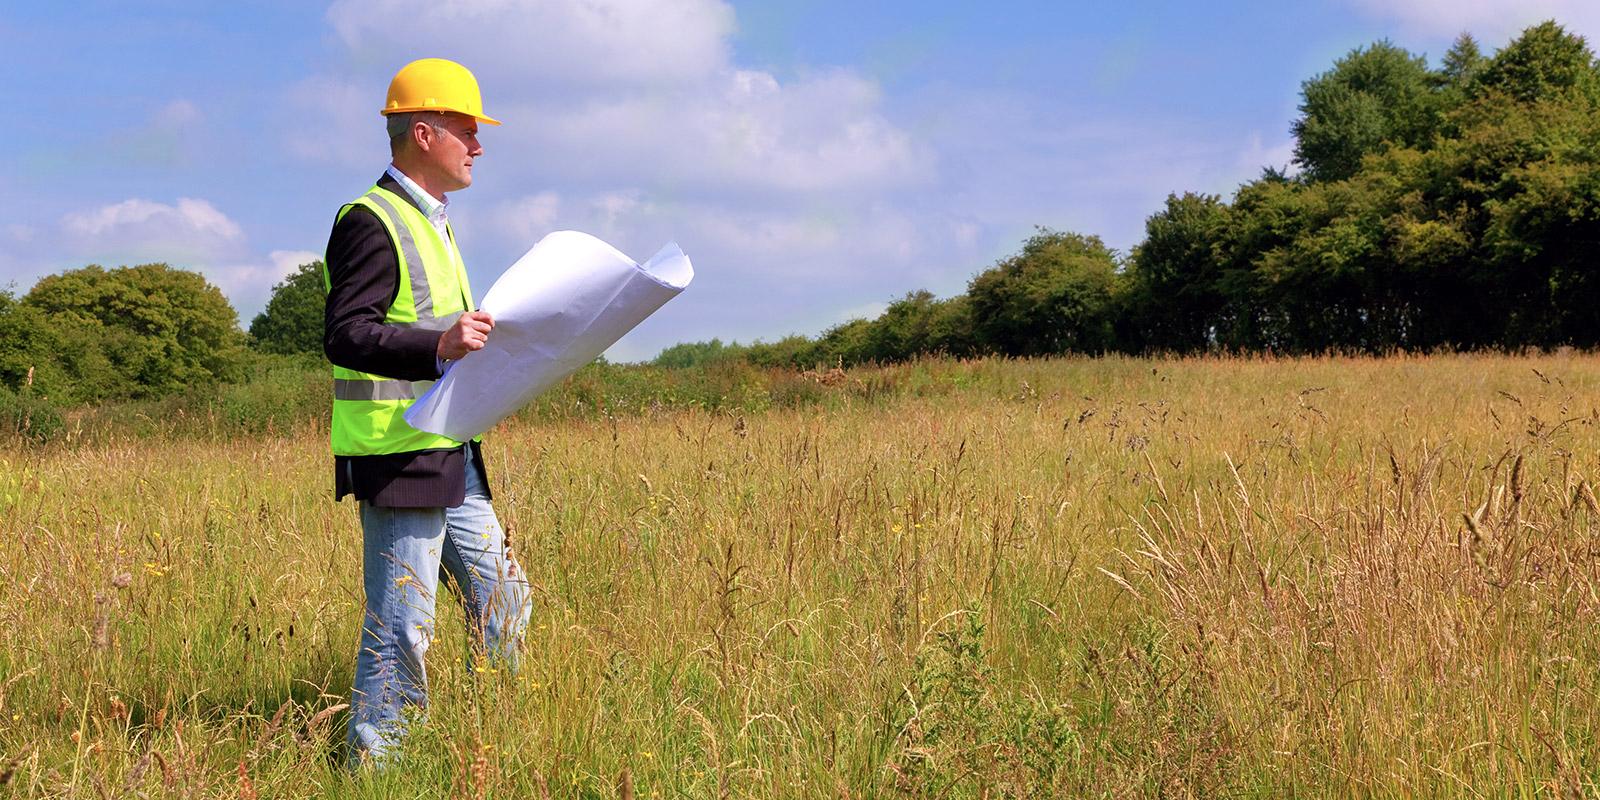 Chystáte se ke koupi pozemku pro stavbu domu? Víme, jaké triky na vás prodejci mohou zkusit!